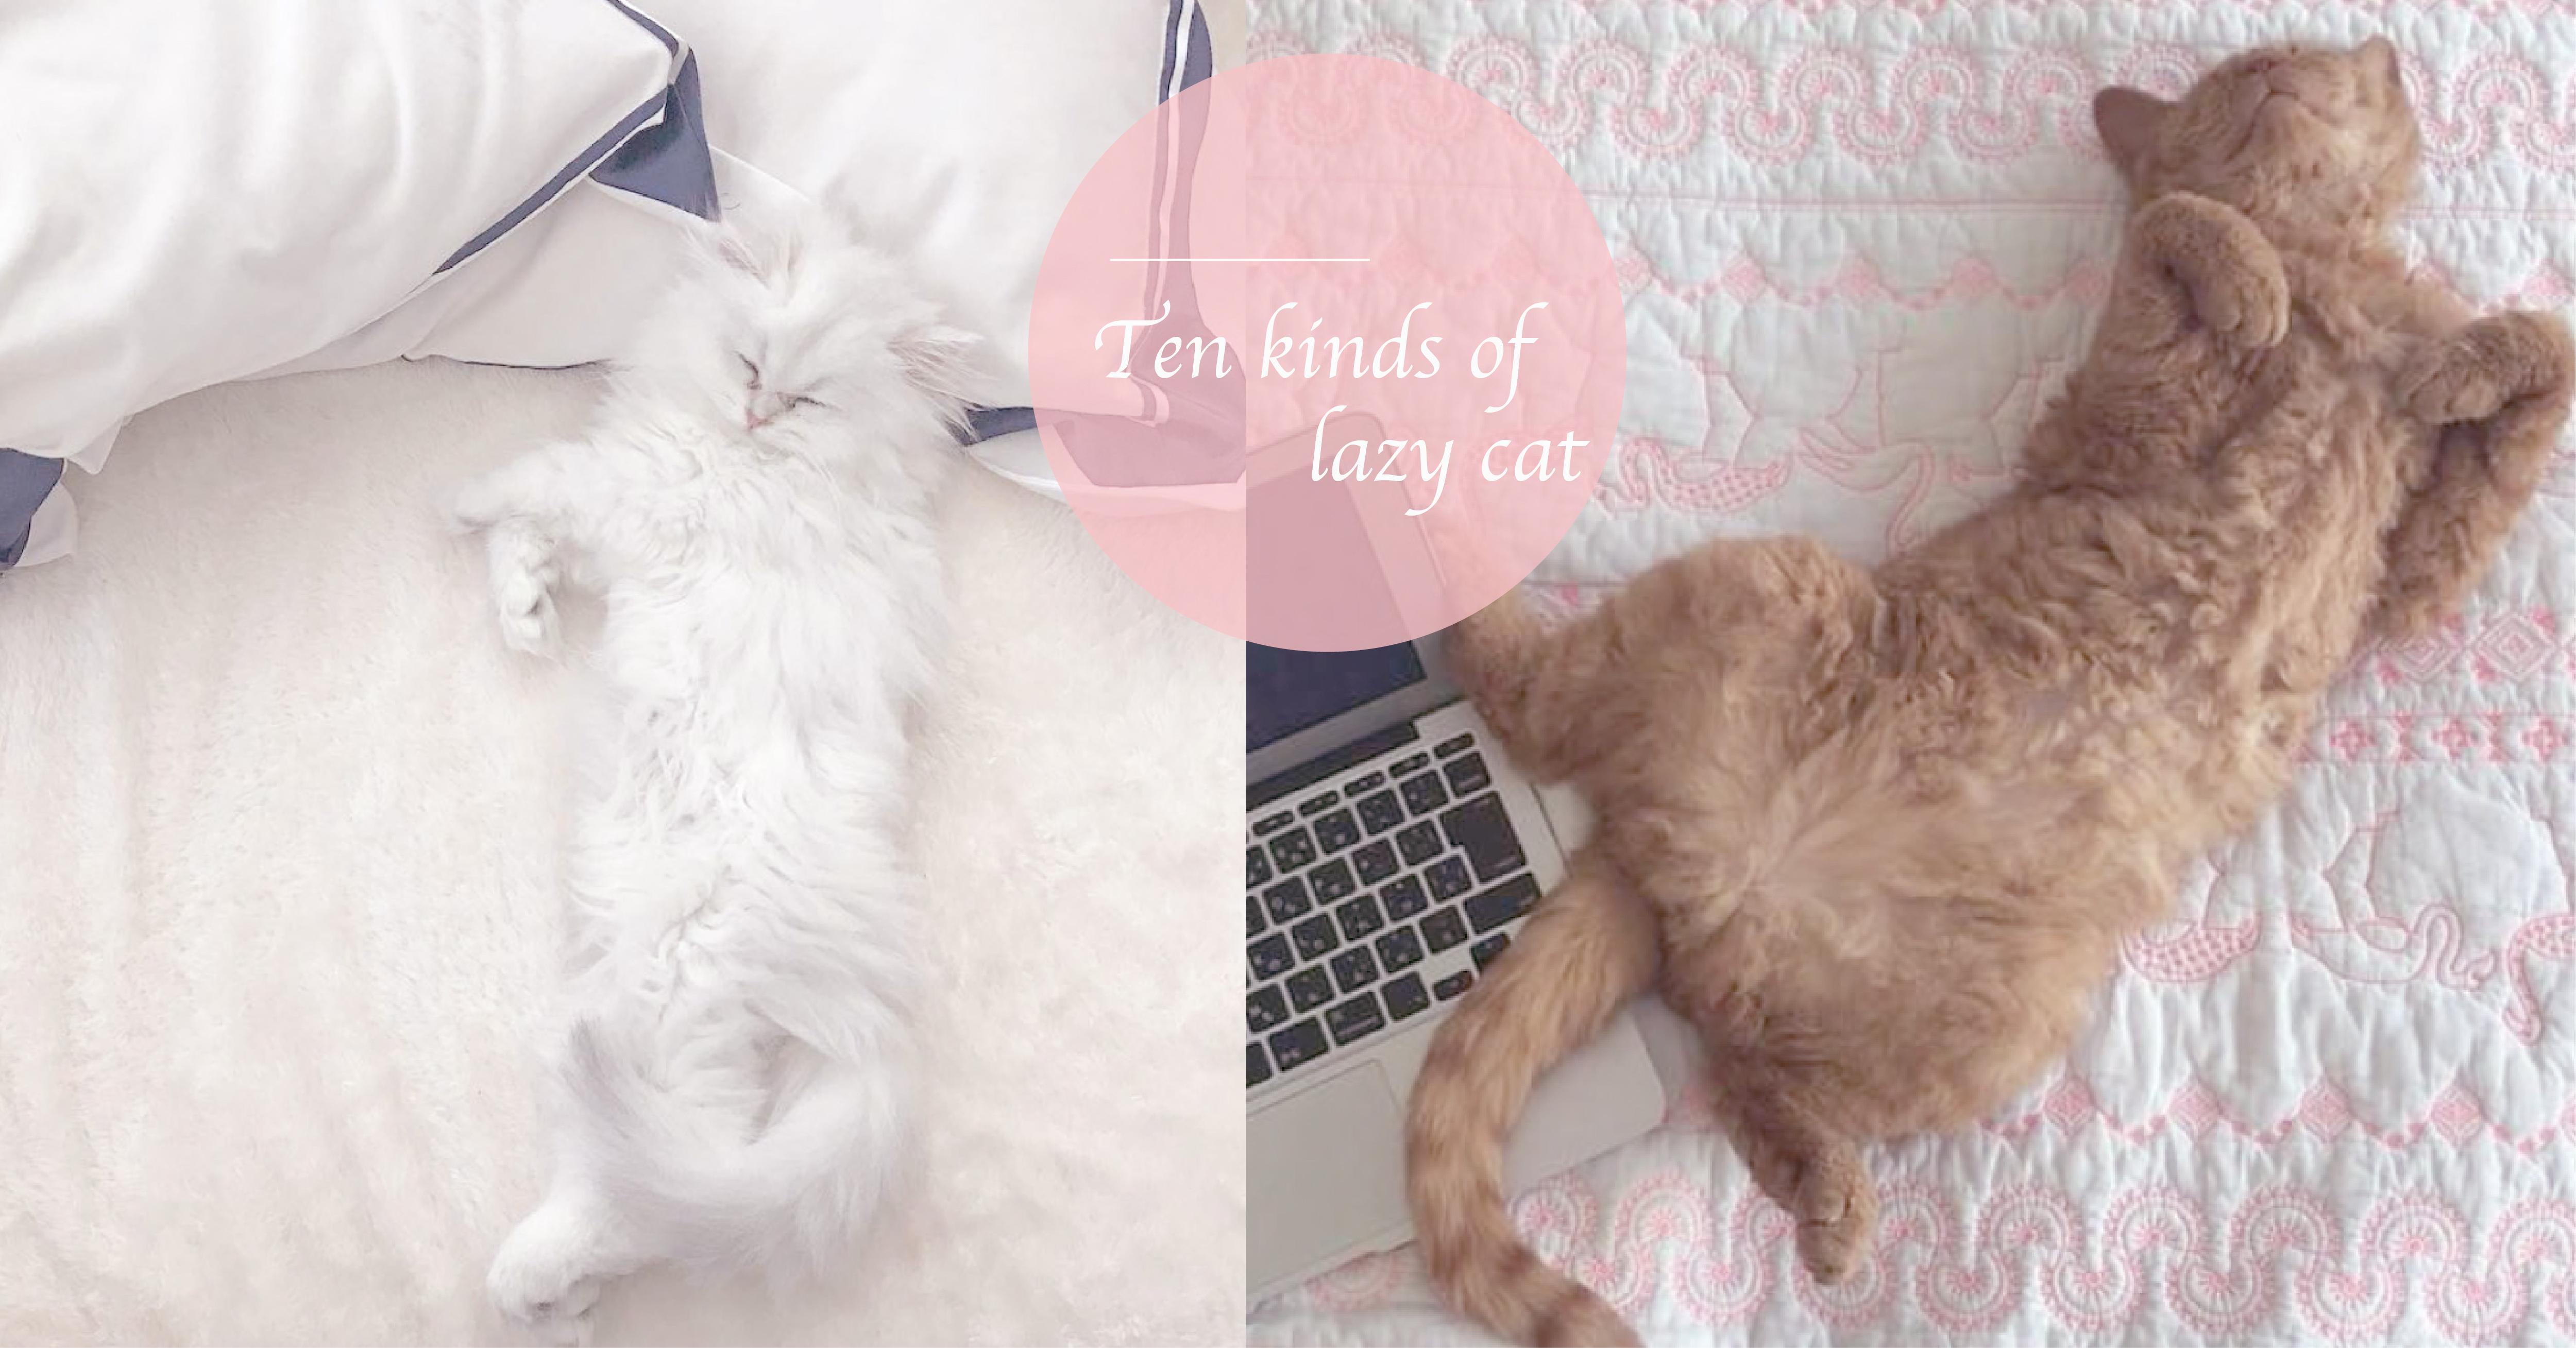 睡到投降也太可爱了吧?10种萌到捨不得叫他起床的猫咪睡姿